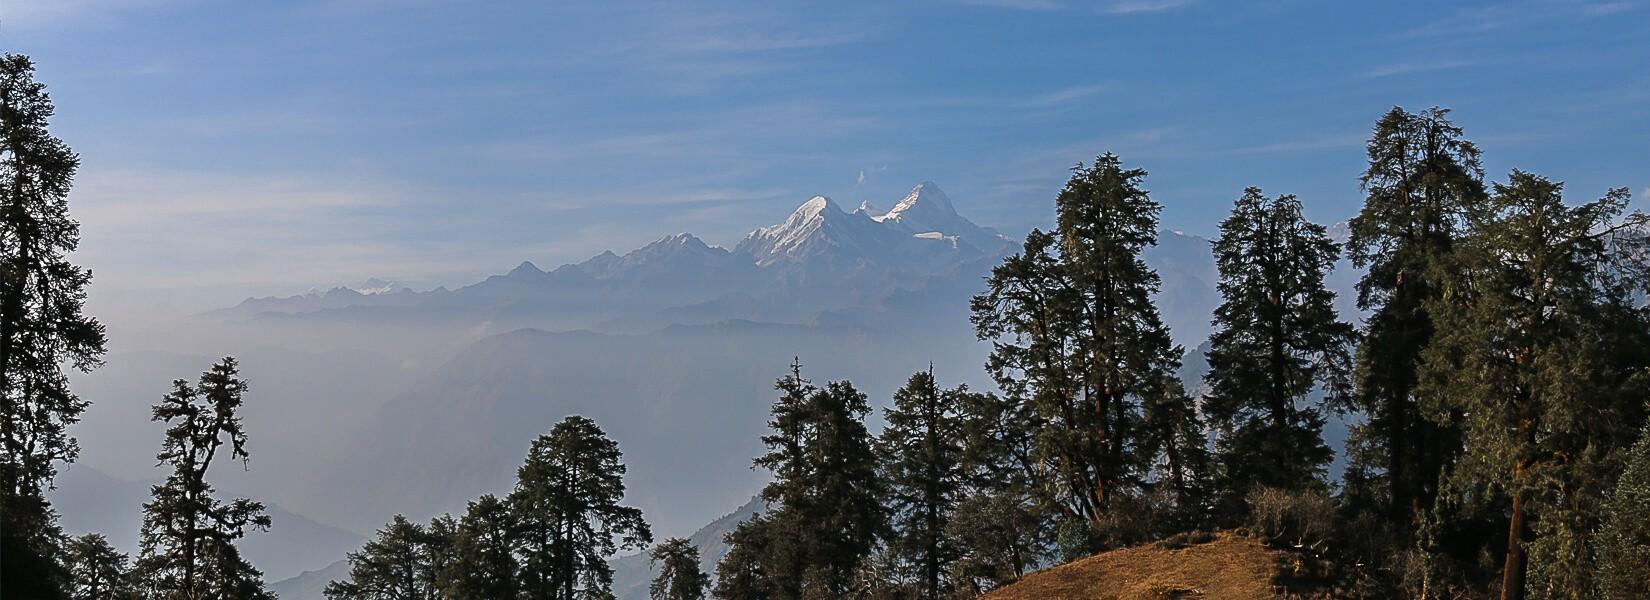 Ruby Valley Trek, Ganesh Himal Trek in Nepal